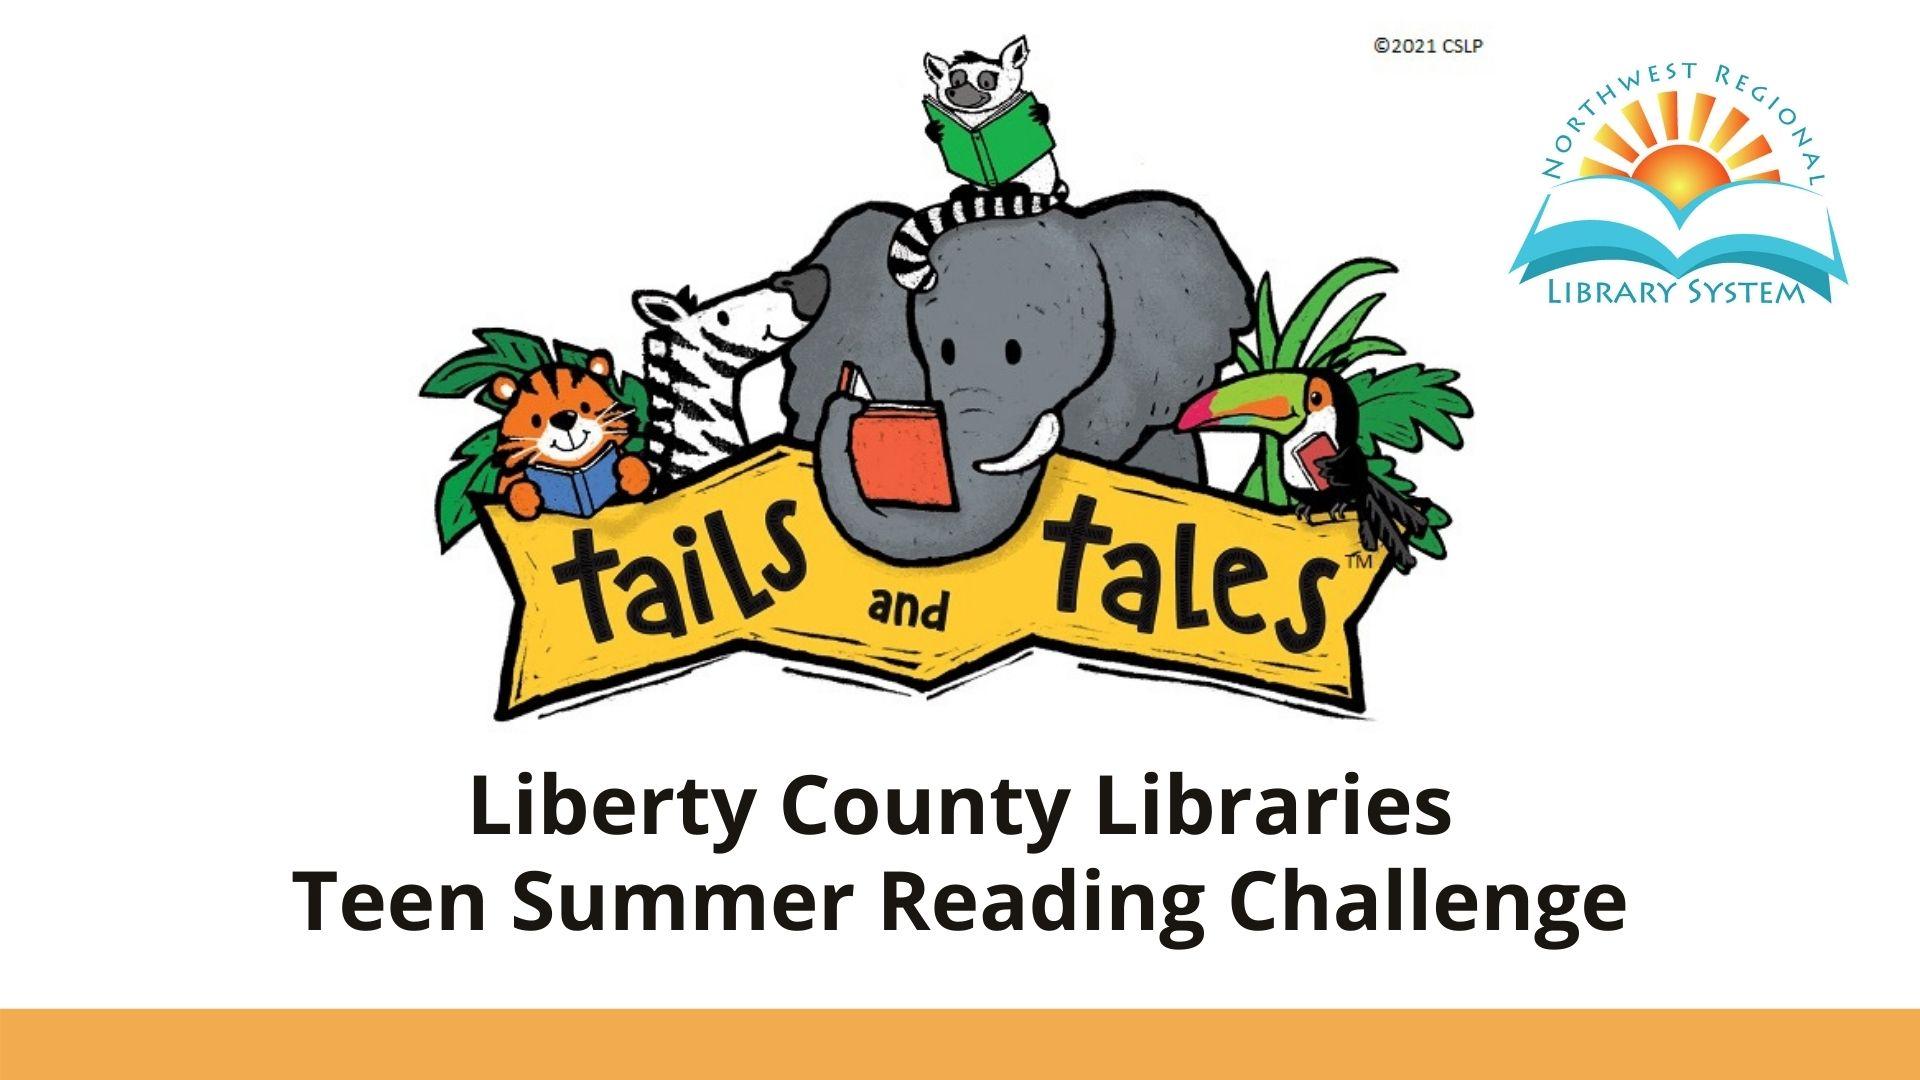 Teen Summer Reading Challenge